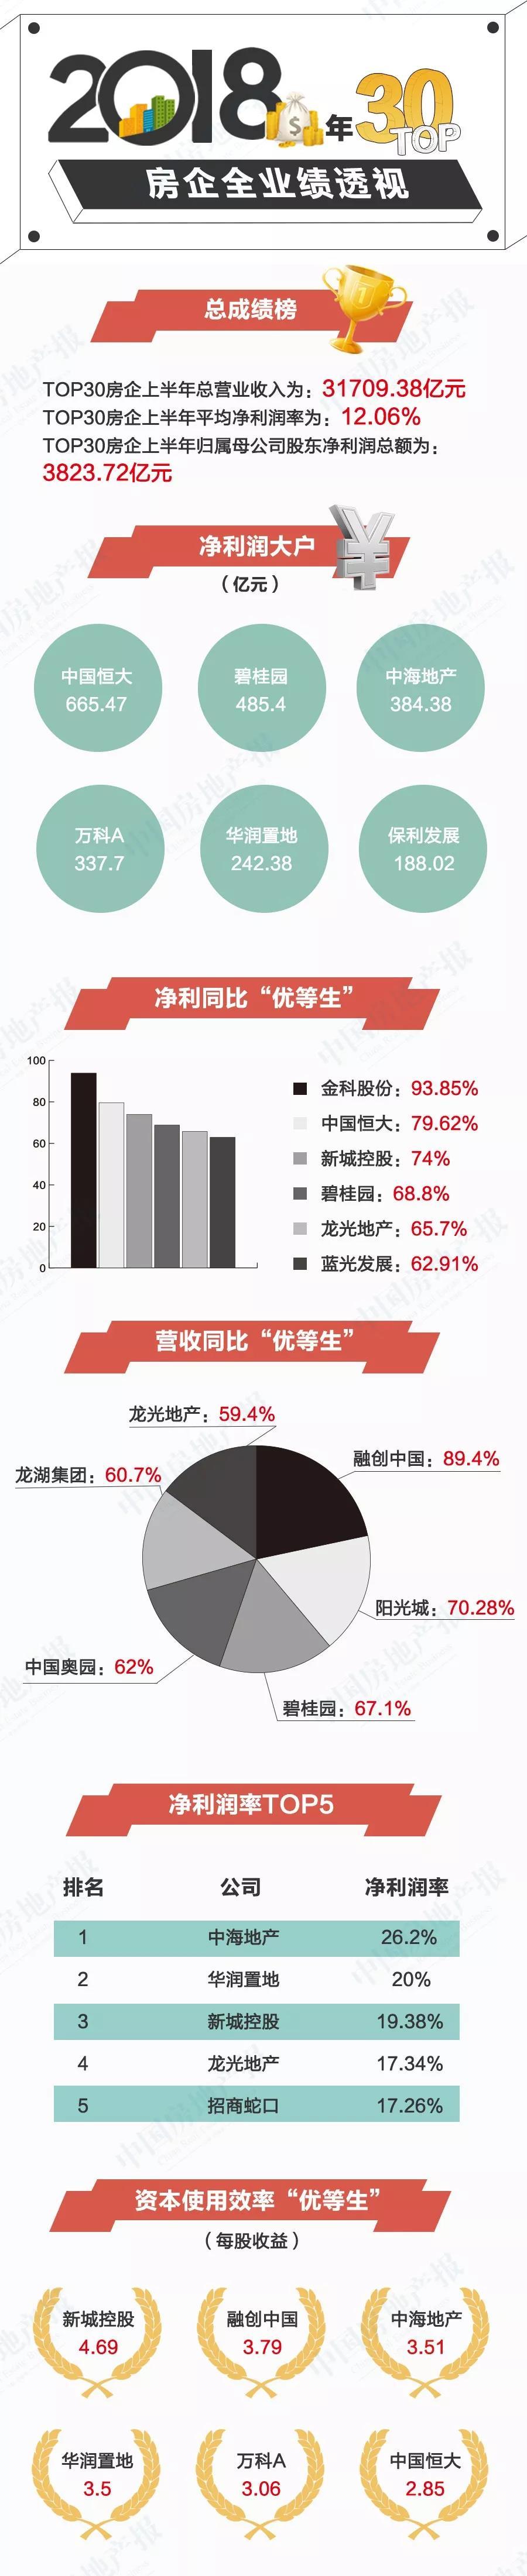 """年报观察丨2018年TOP30房企谁是""""利润王""""谁最失意 这份榜单有答案2.jpg"""